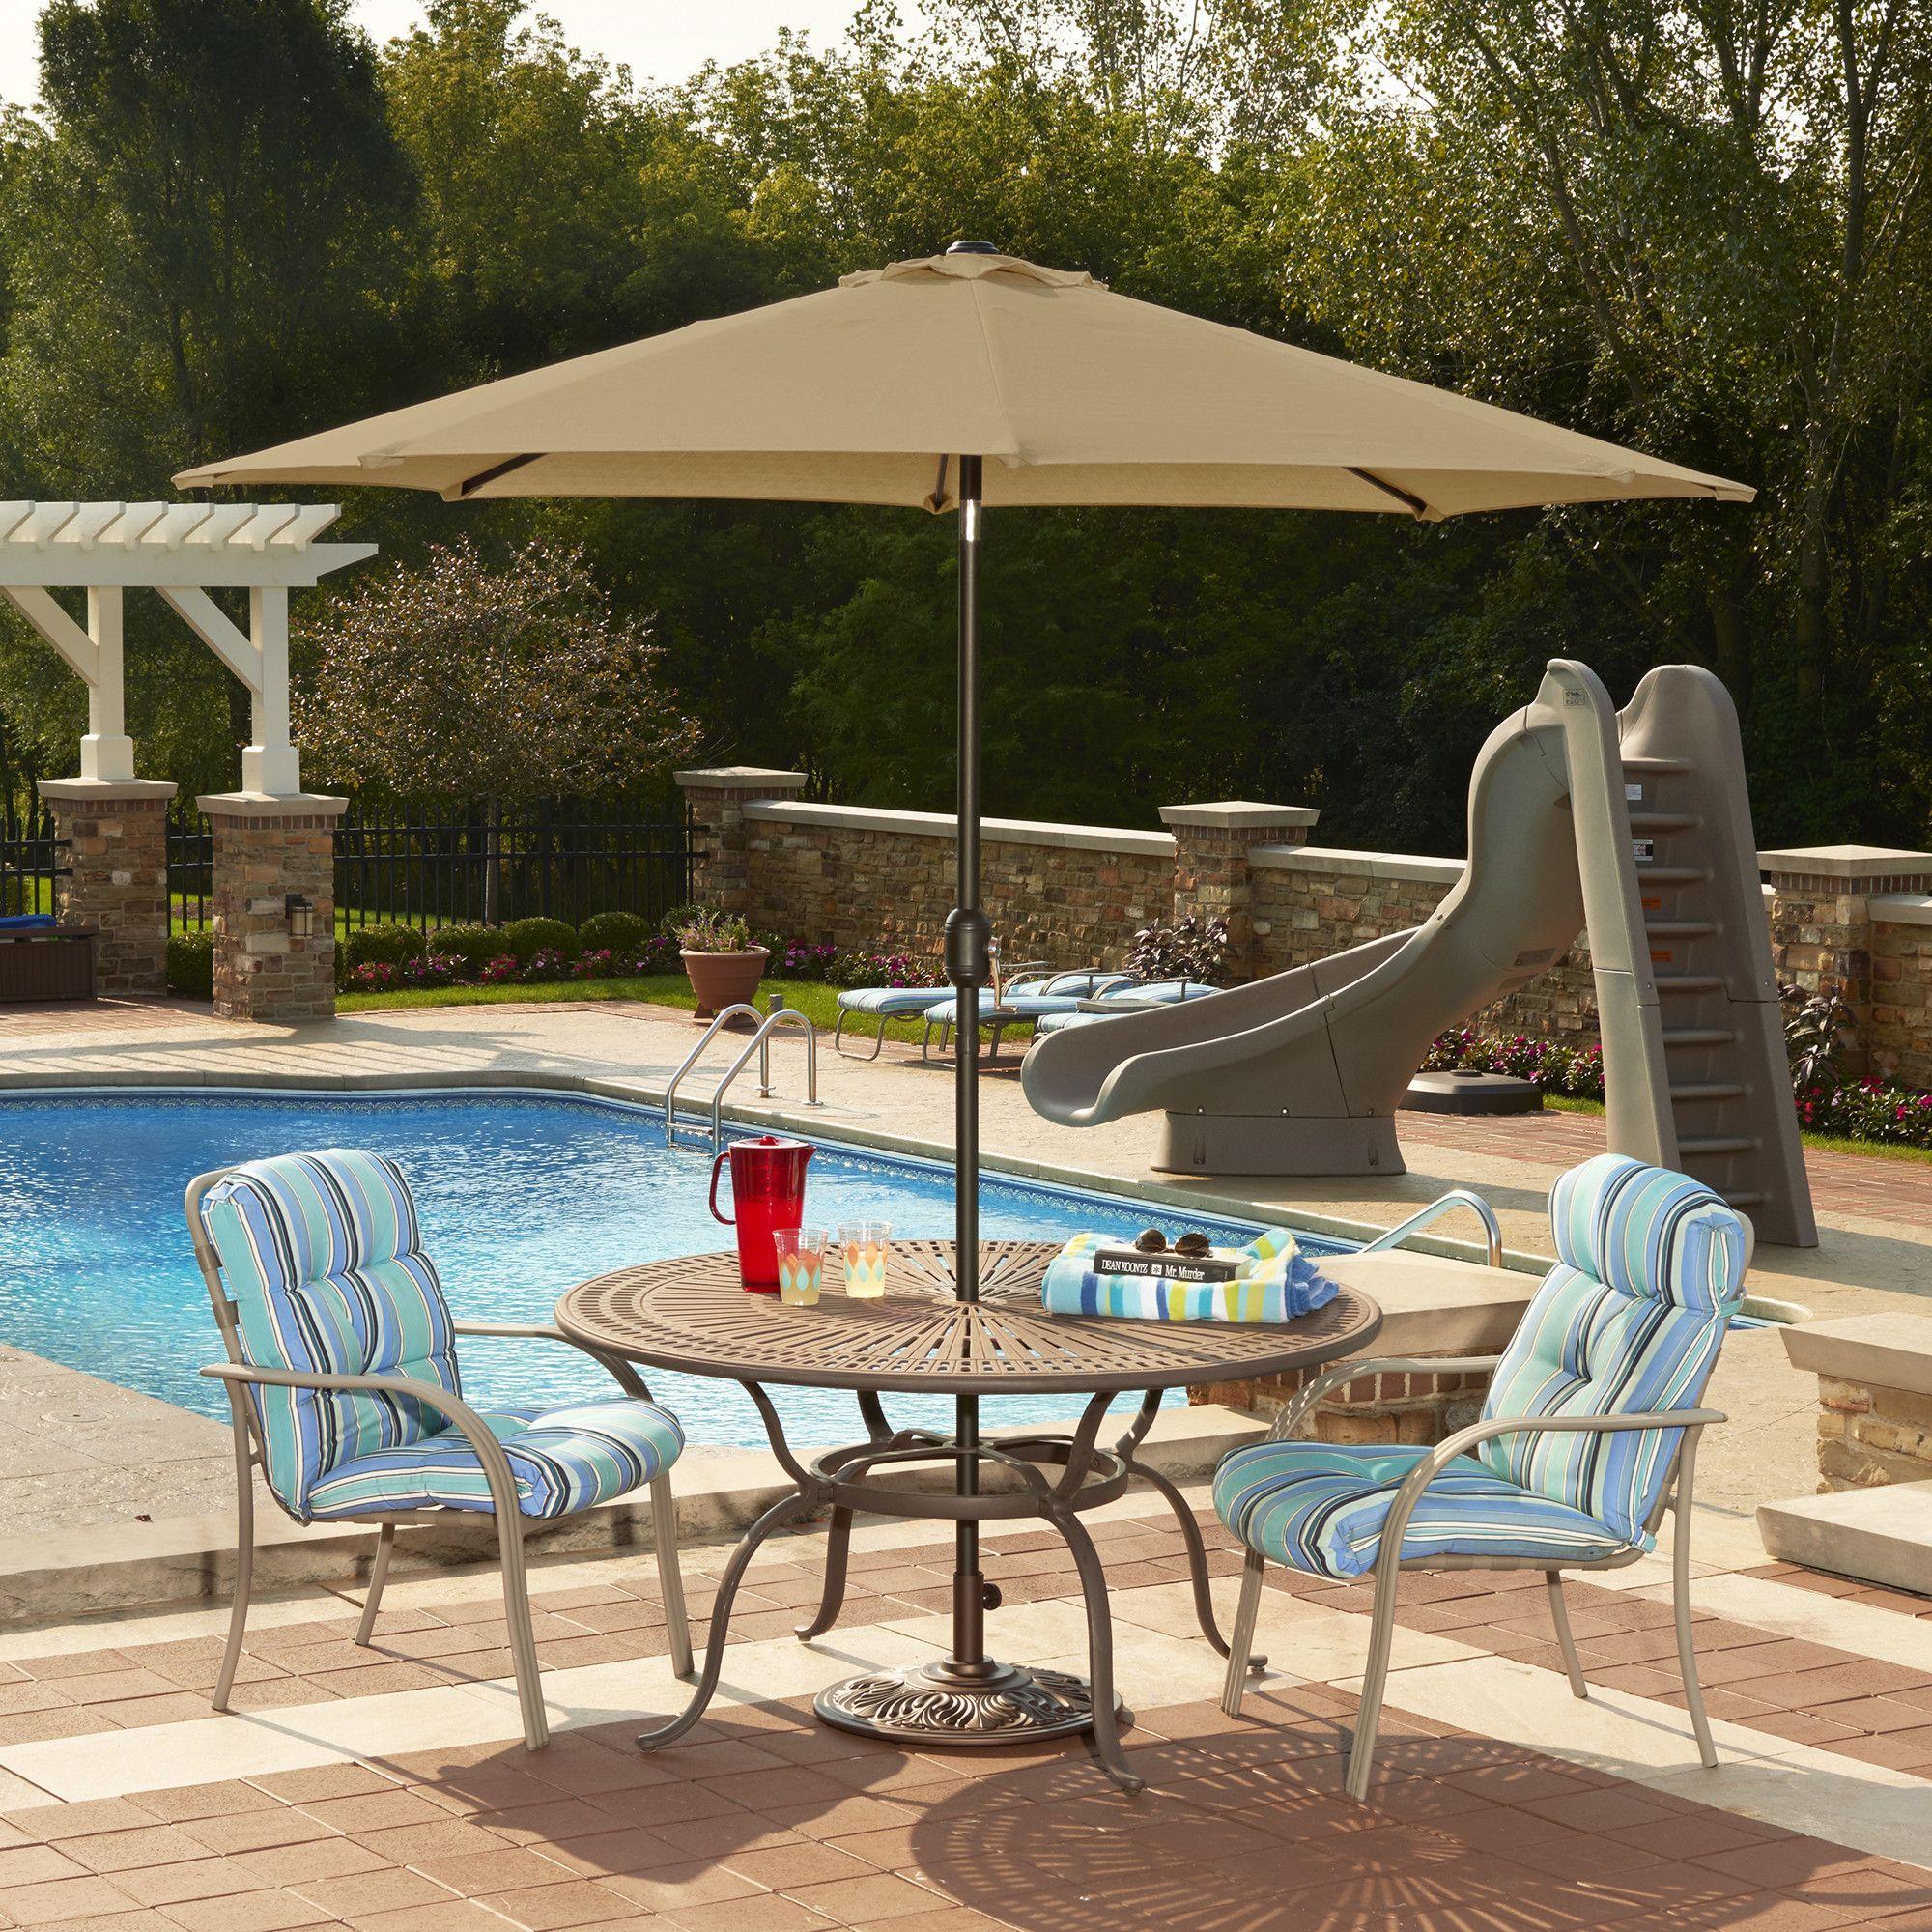 Mirage u market umbrella market umbrella outdoor products and